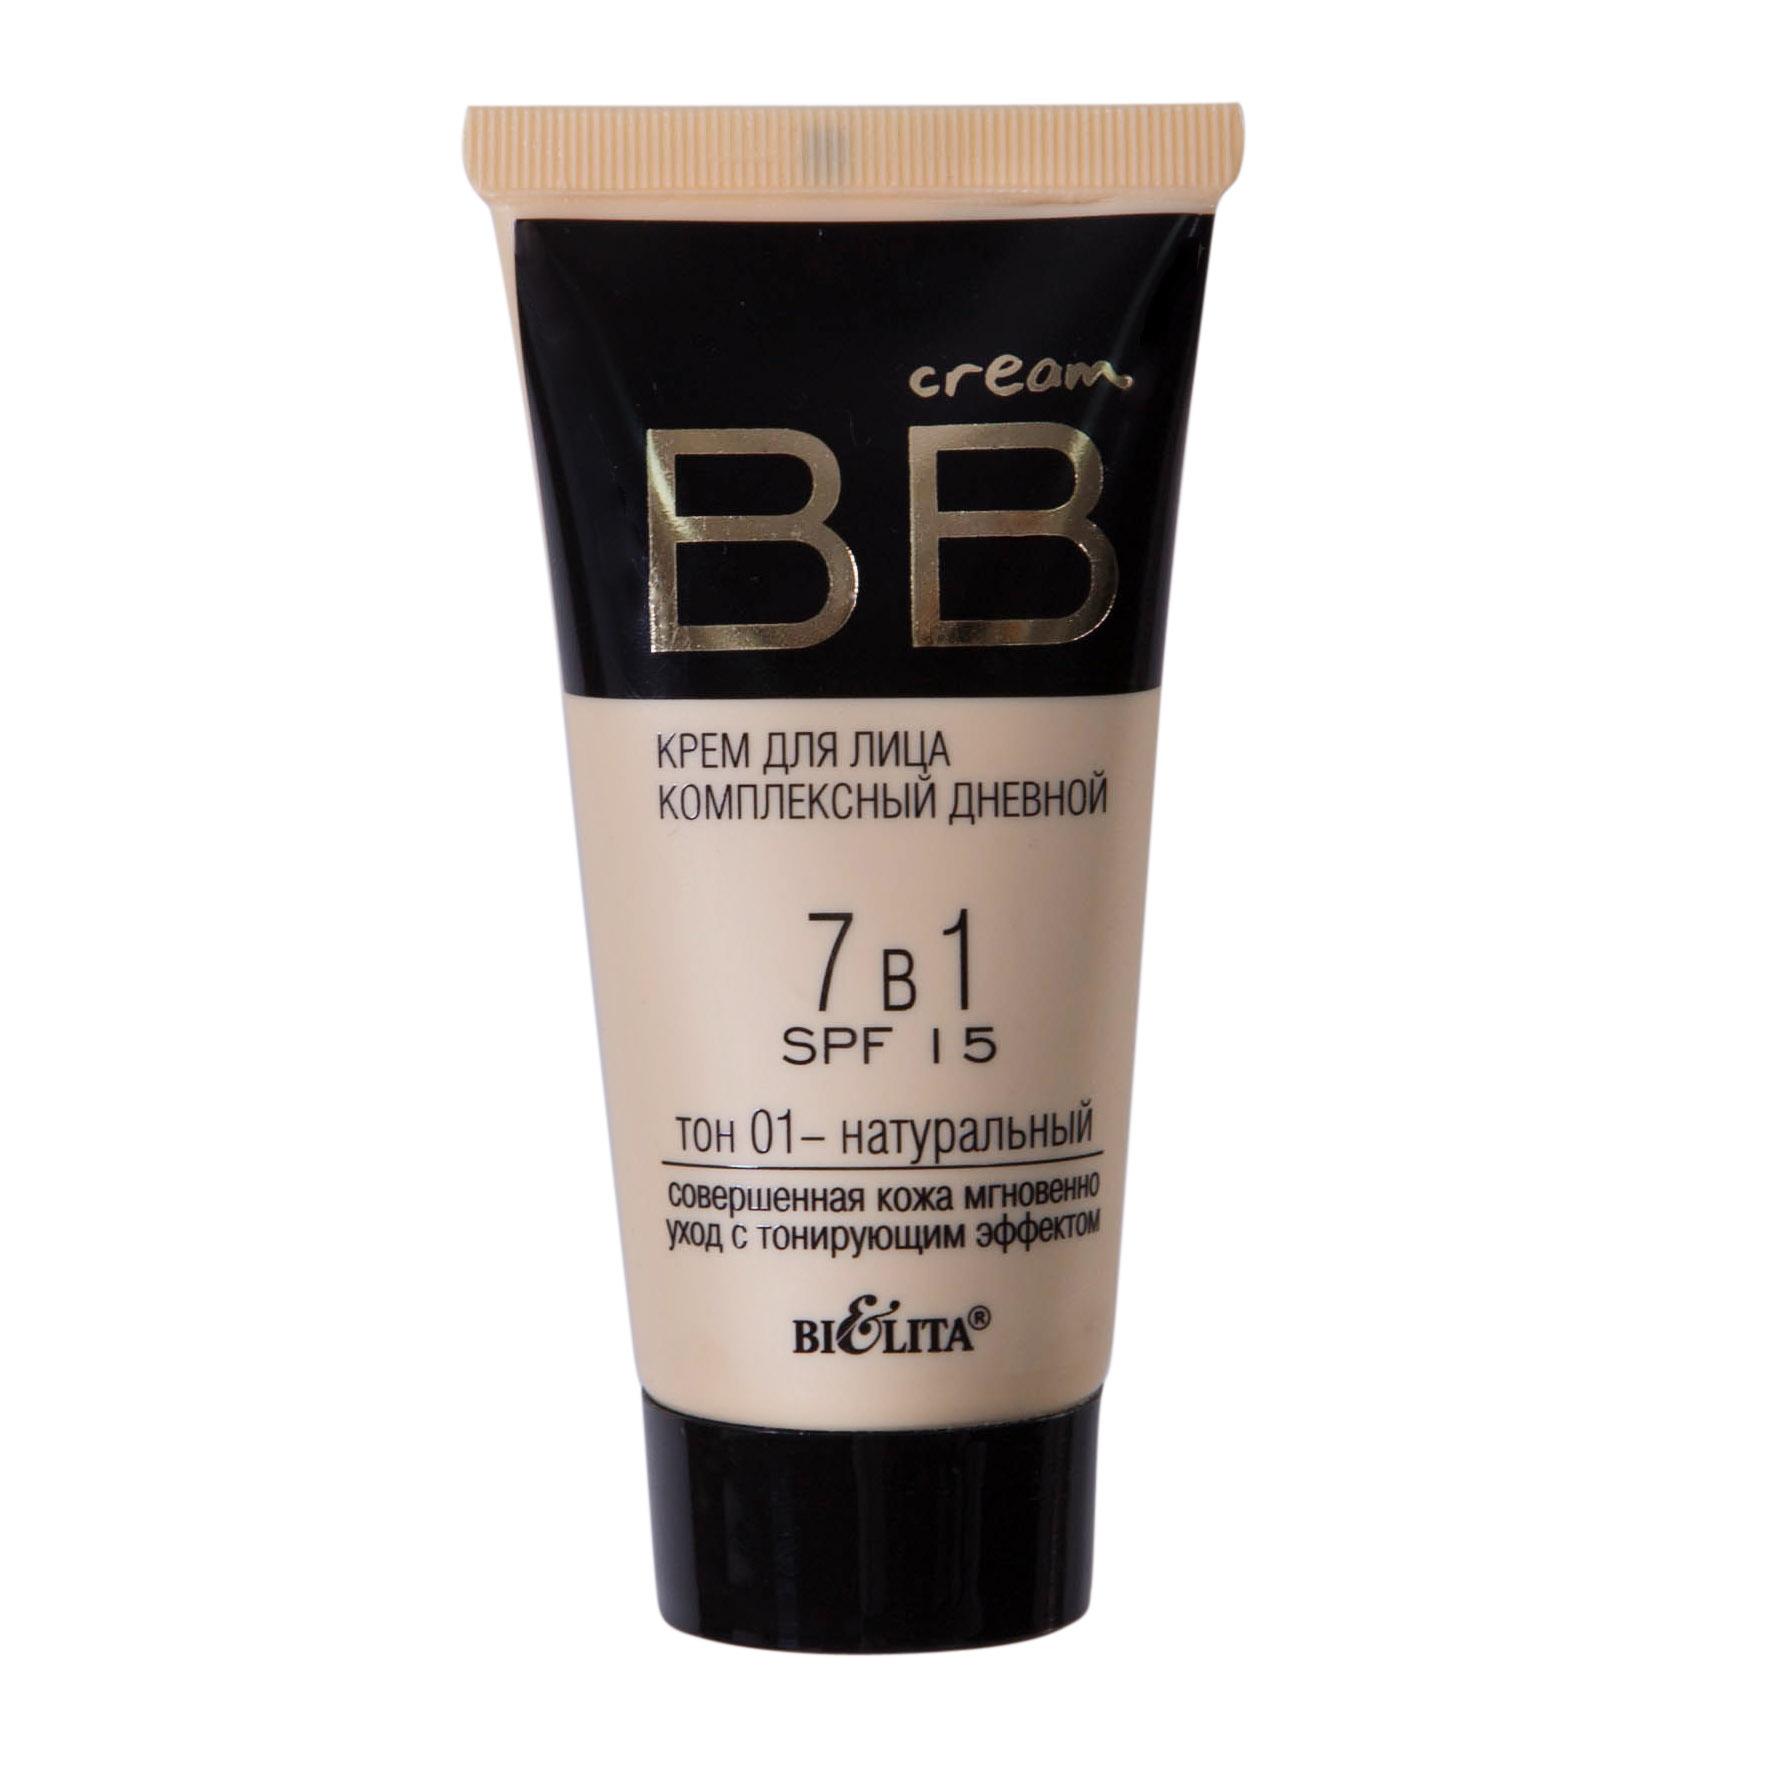 BB cream Крем для лица комплексный дневной 7в1 SPF15 тон 01 30мл